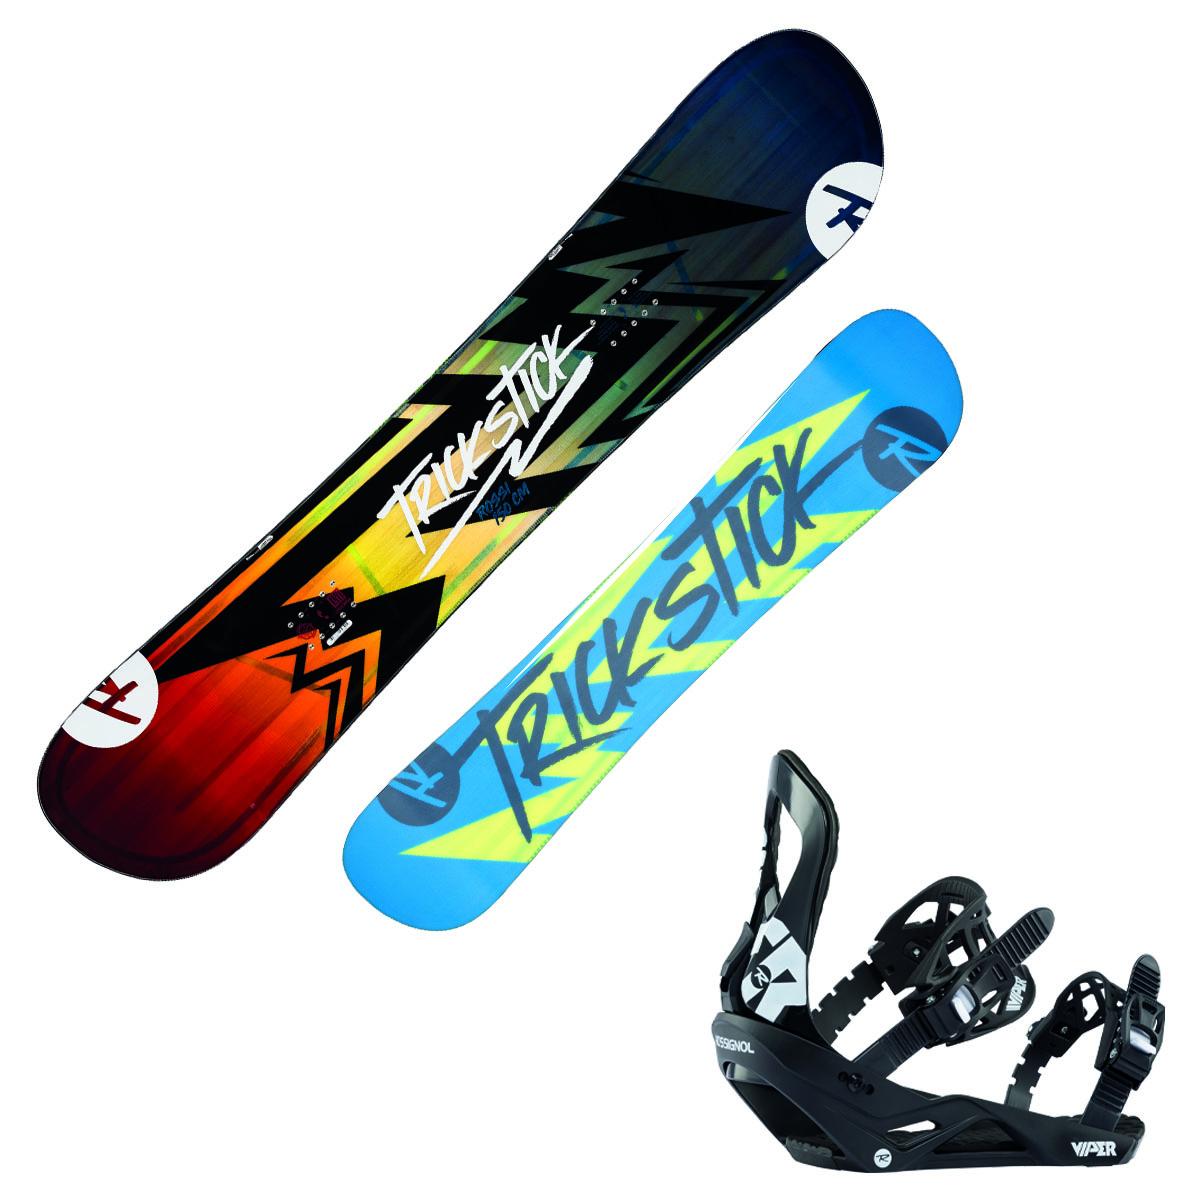 Snowboard Rossignol Trickstick Af Wide con attacchi Viper M/L (Colore: fantasia, Taglia: 162)